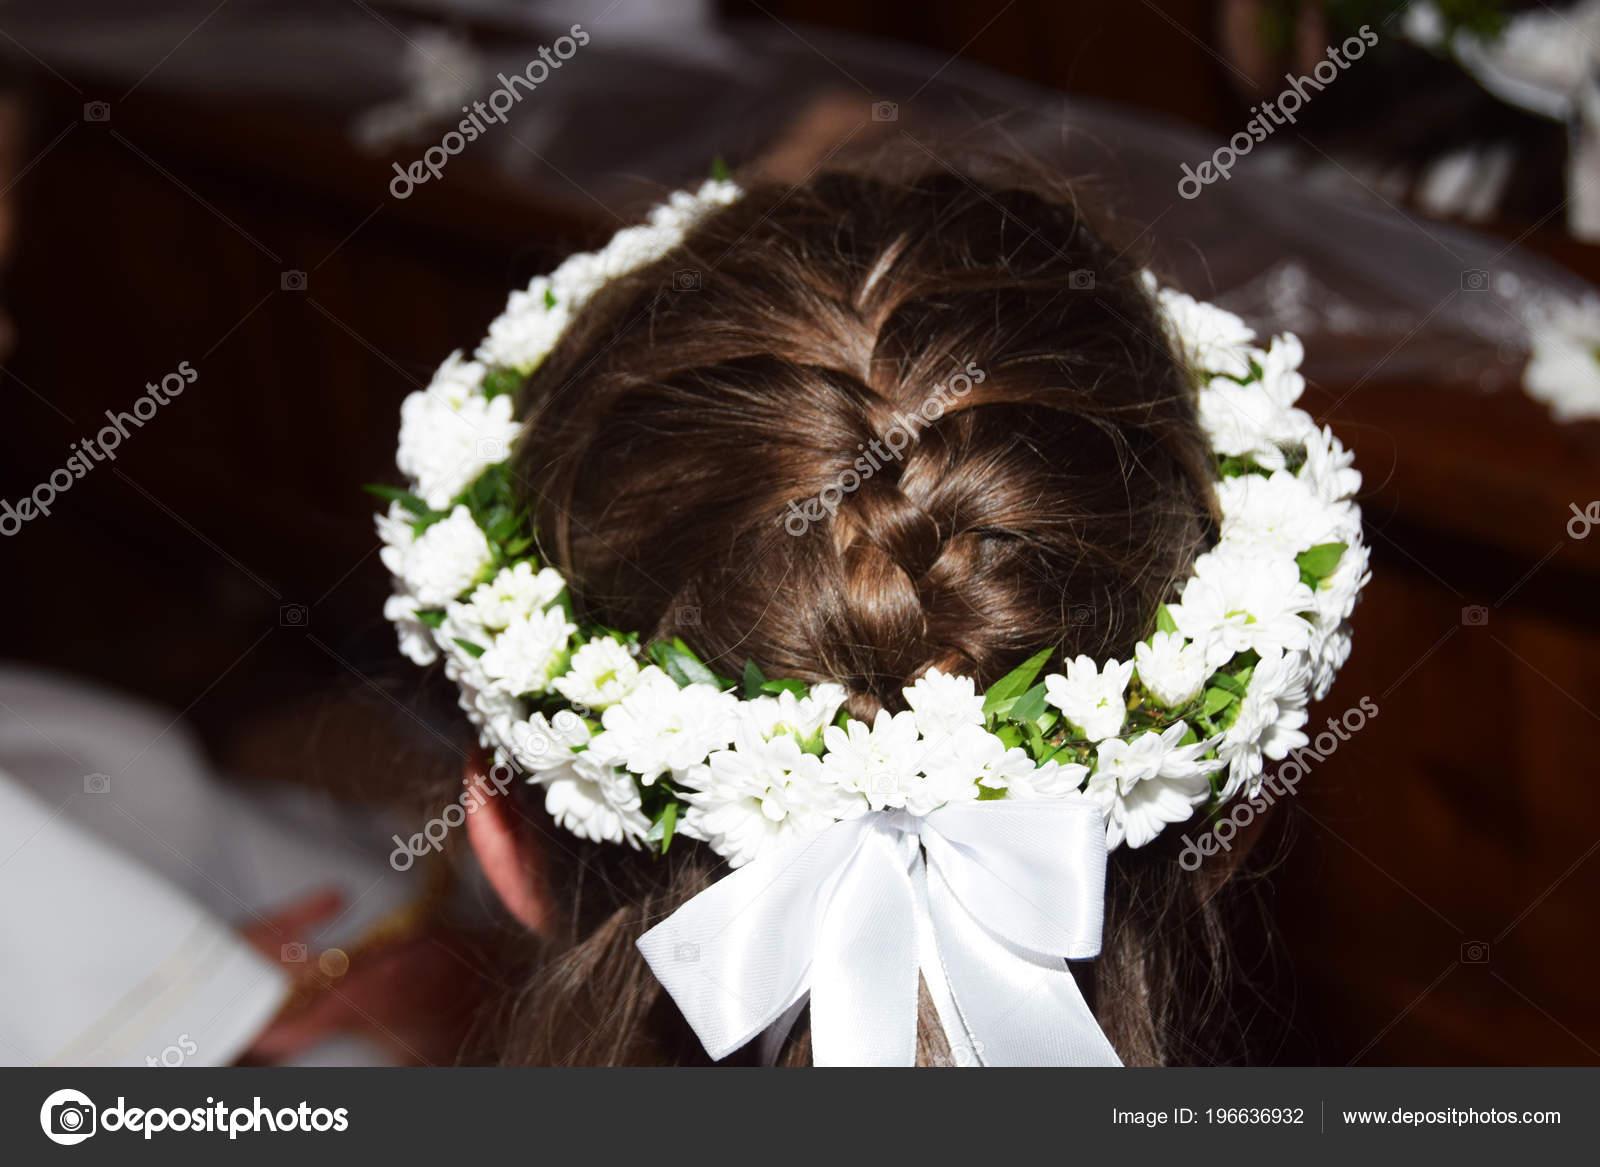 Kranz Aus Blumen Auf Ihr Haar Mädchen Heilige Kommunion Stockfoto